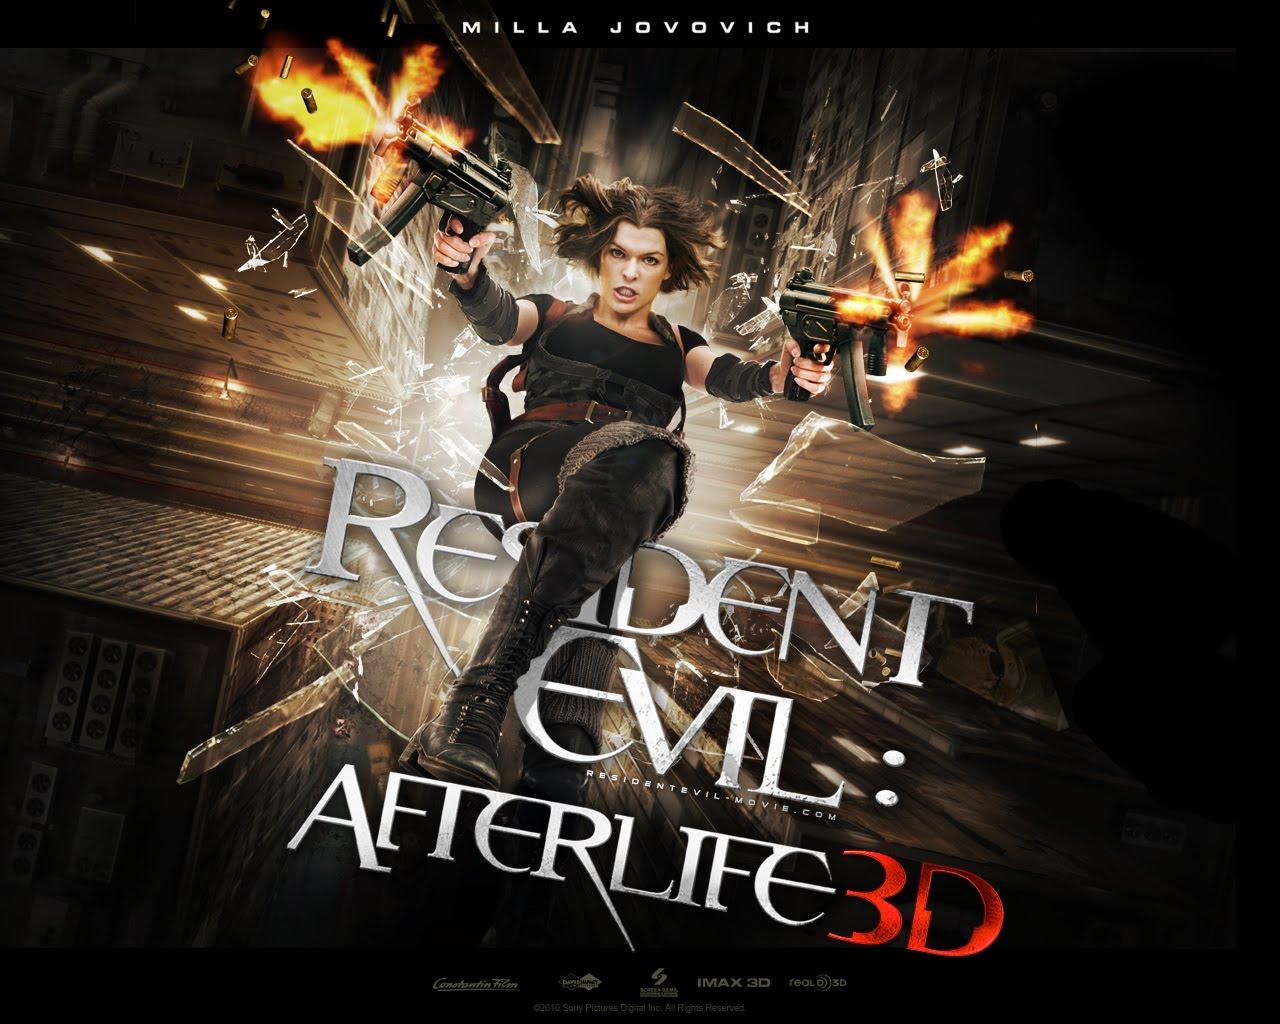 http://1.bp.blogspot.com/_nD_YgZuOadA/TIqNpJOiPPI/AAAAAAAAAxA/vk-2dwsSPds/s1600/resident+evil+afterlife.jpg